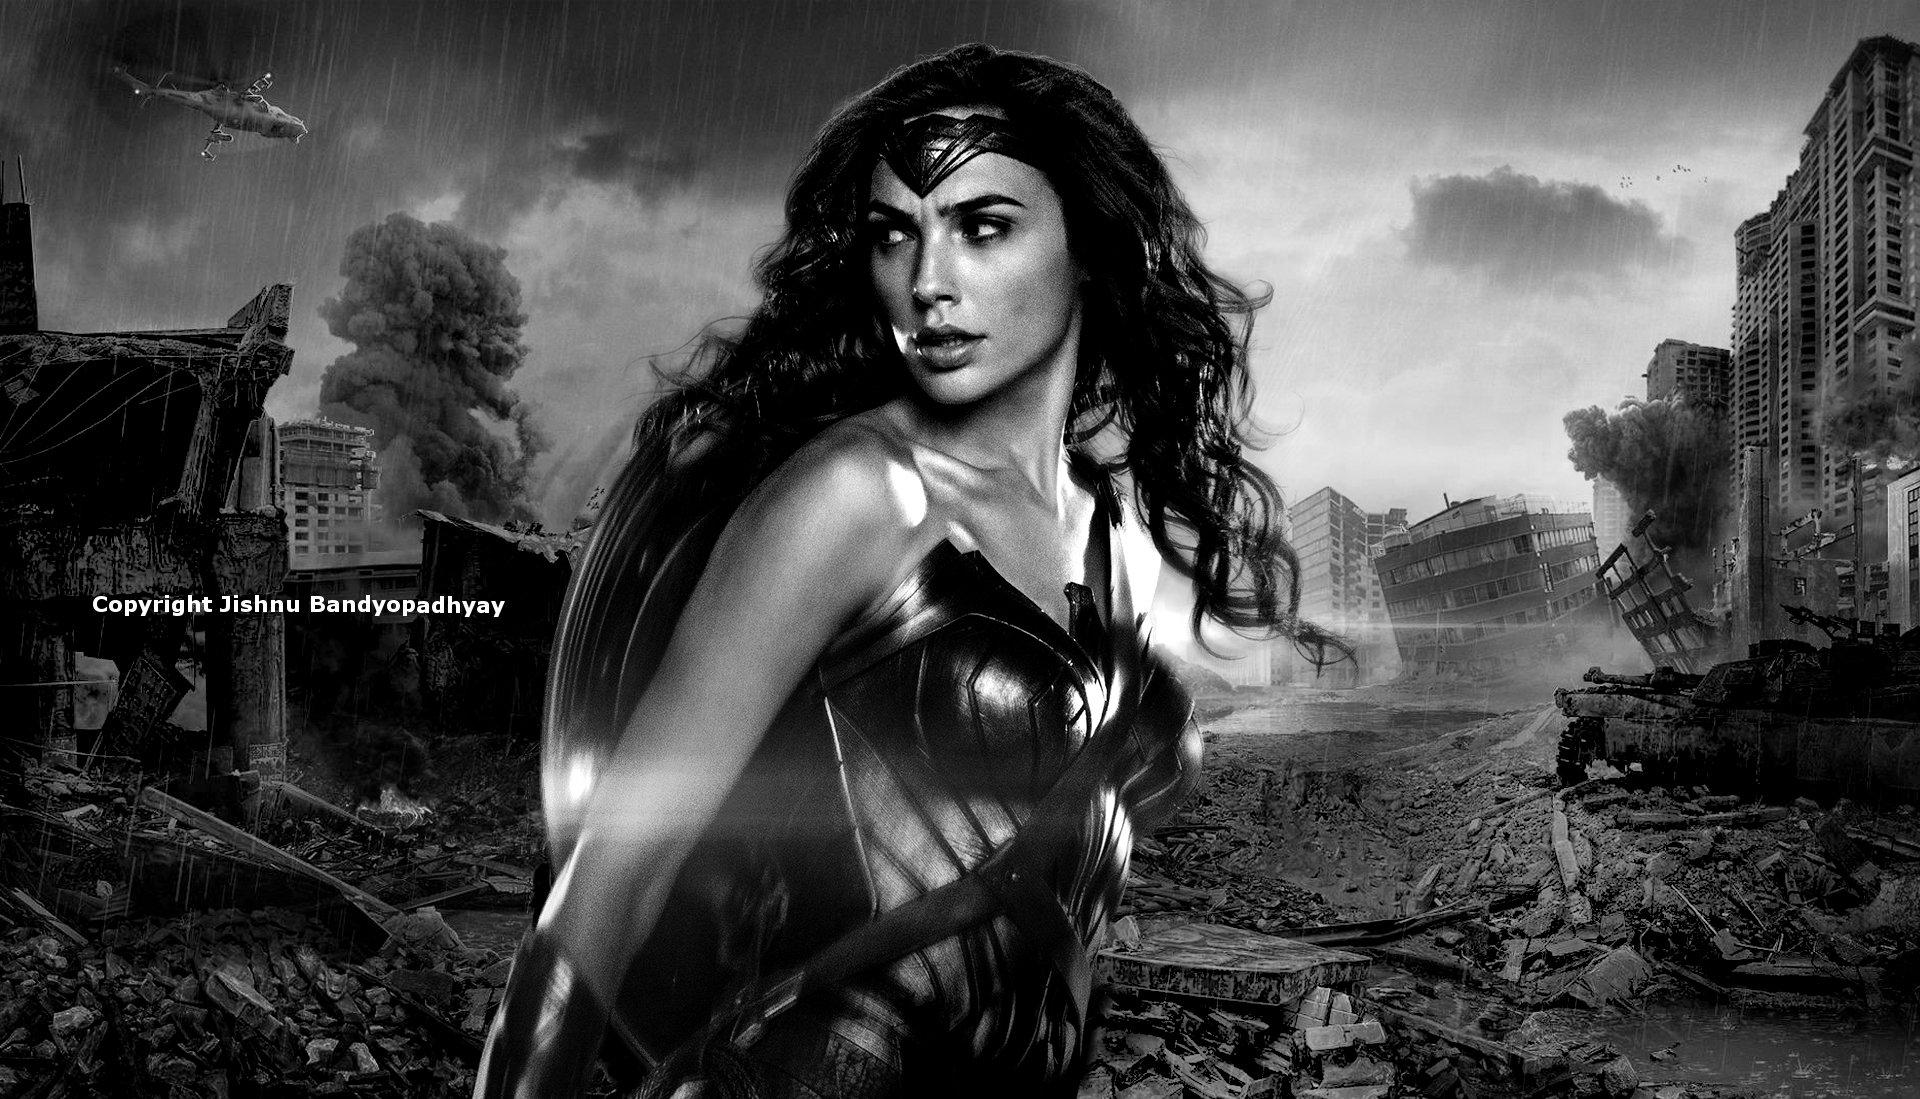 Wonder Woman Gal Gadot Wallpapers: Wonder Woman HD Wallpaper